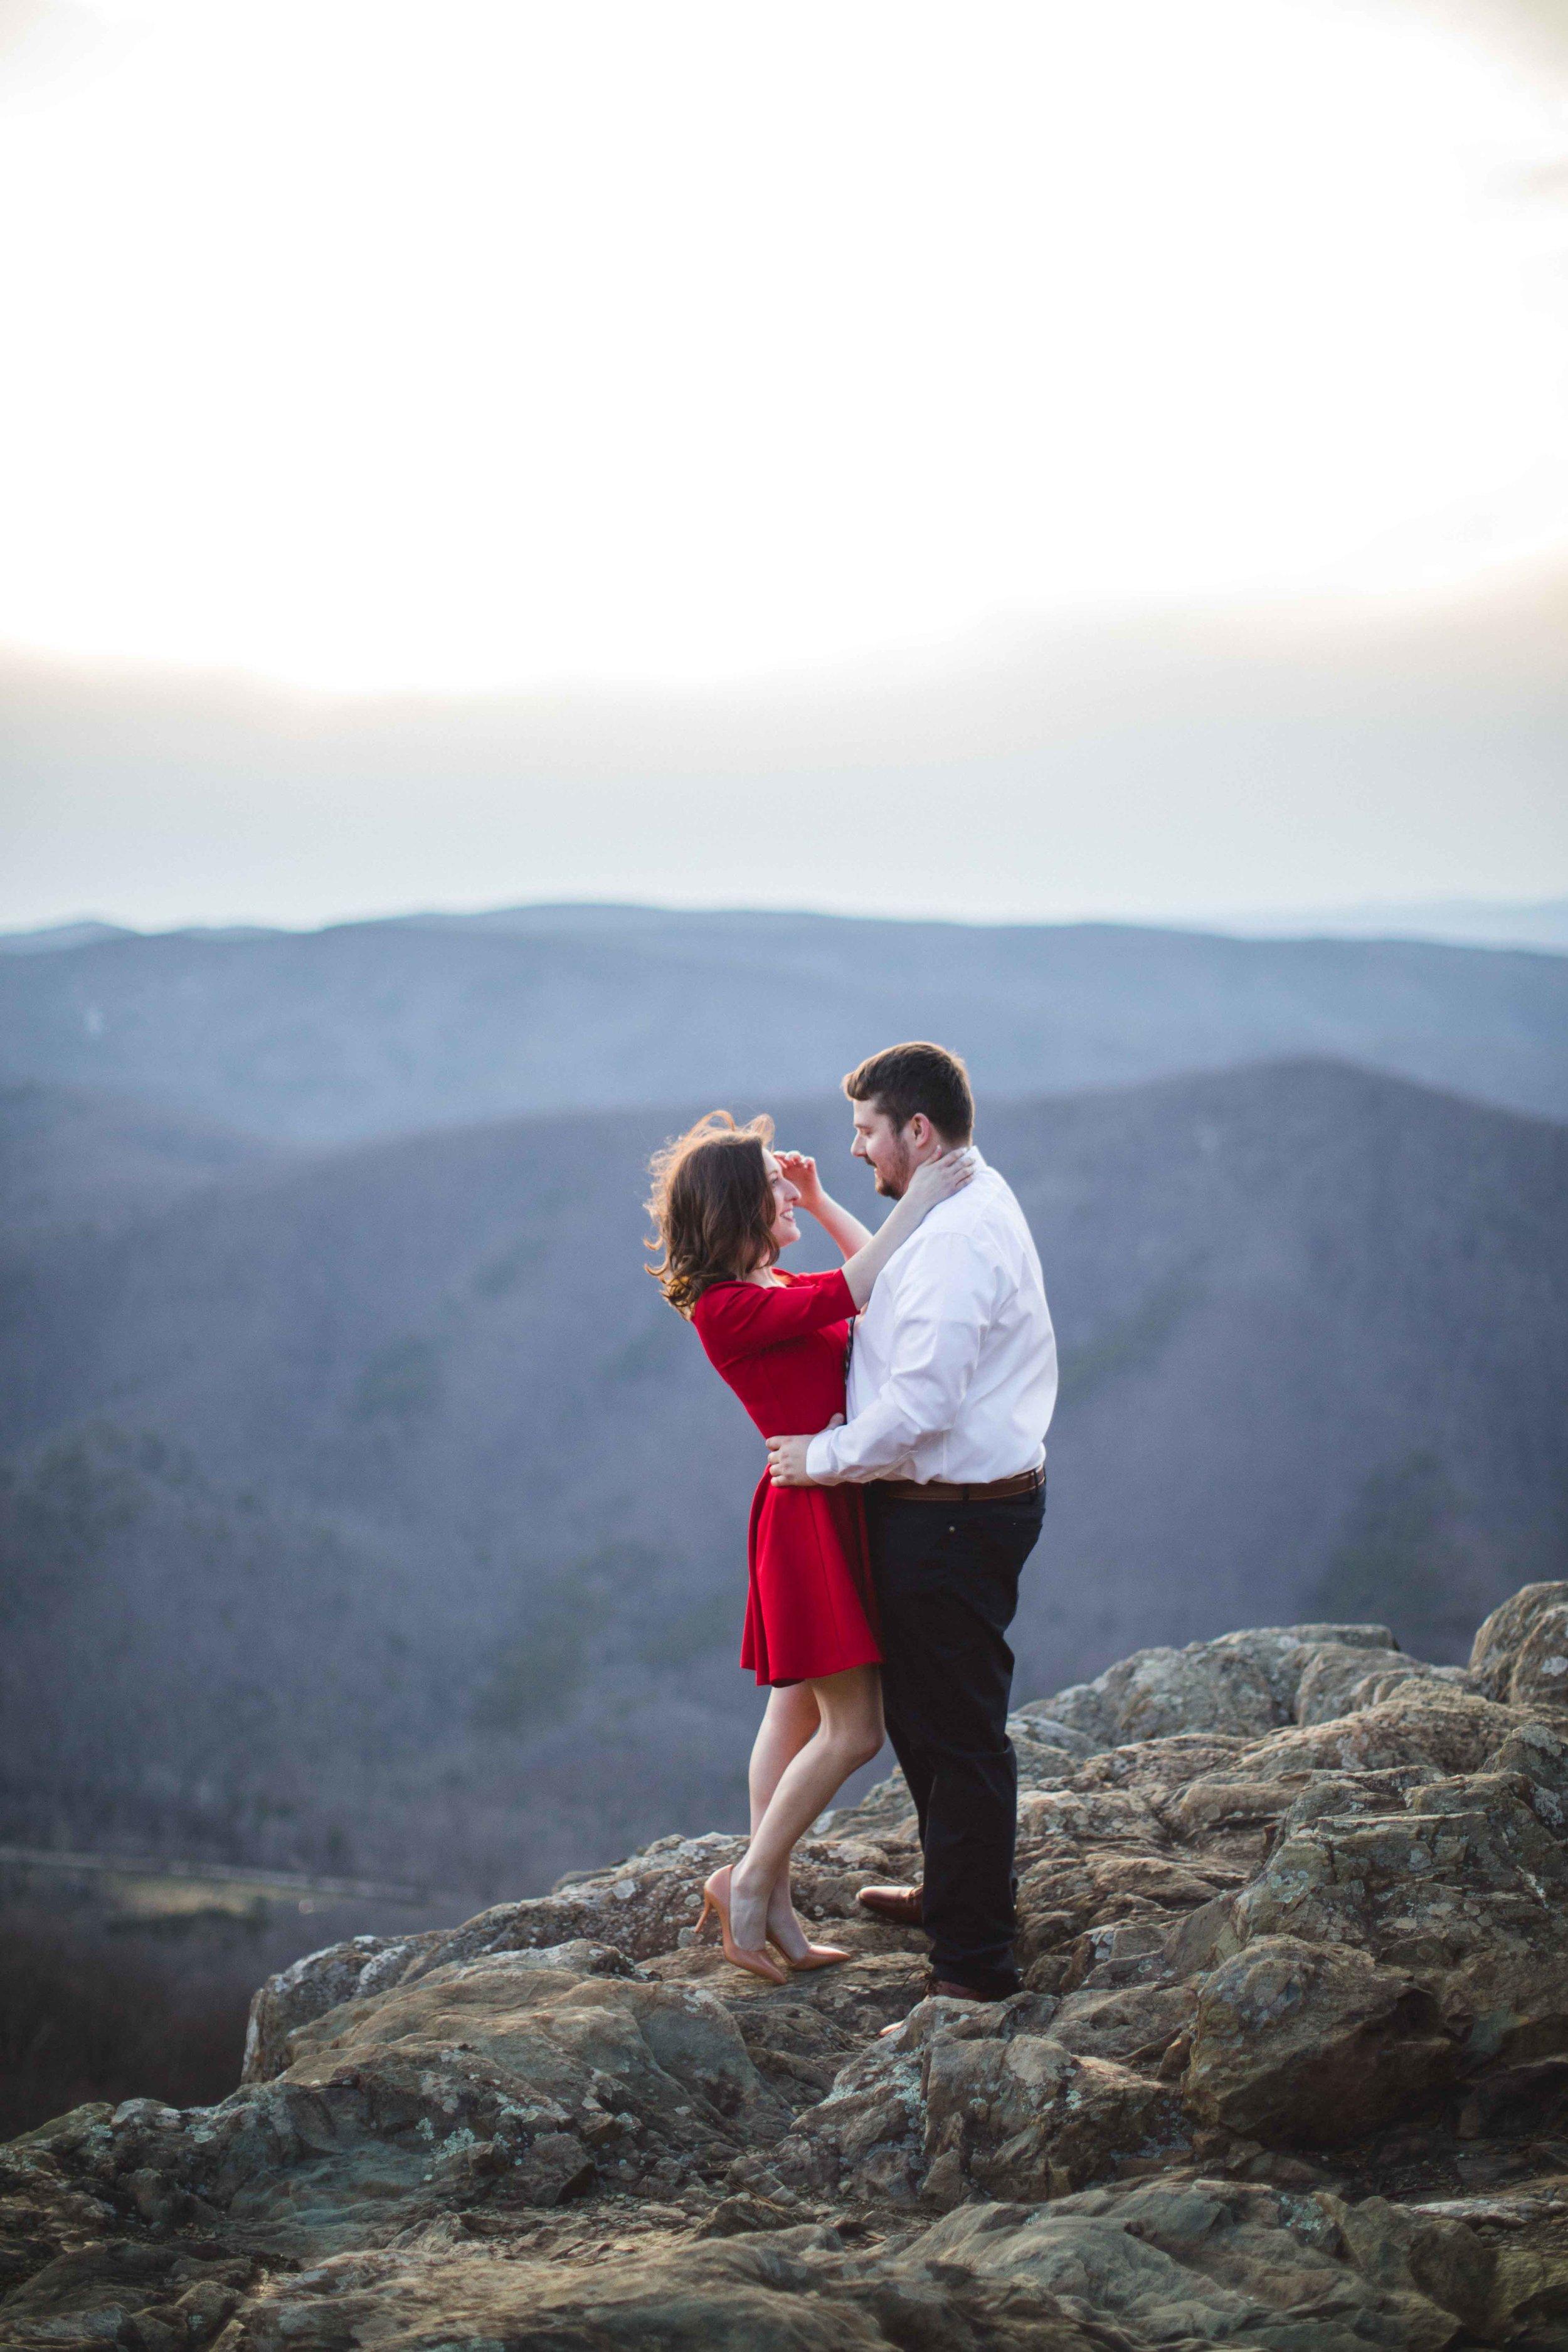 shenandoah-national-park-engagement-shenandoah-wedding-photographer-37.jpg